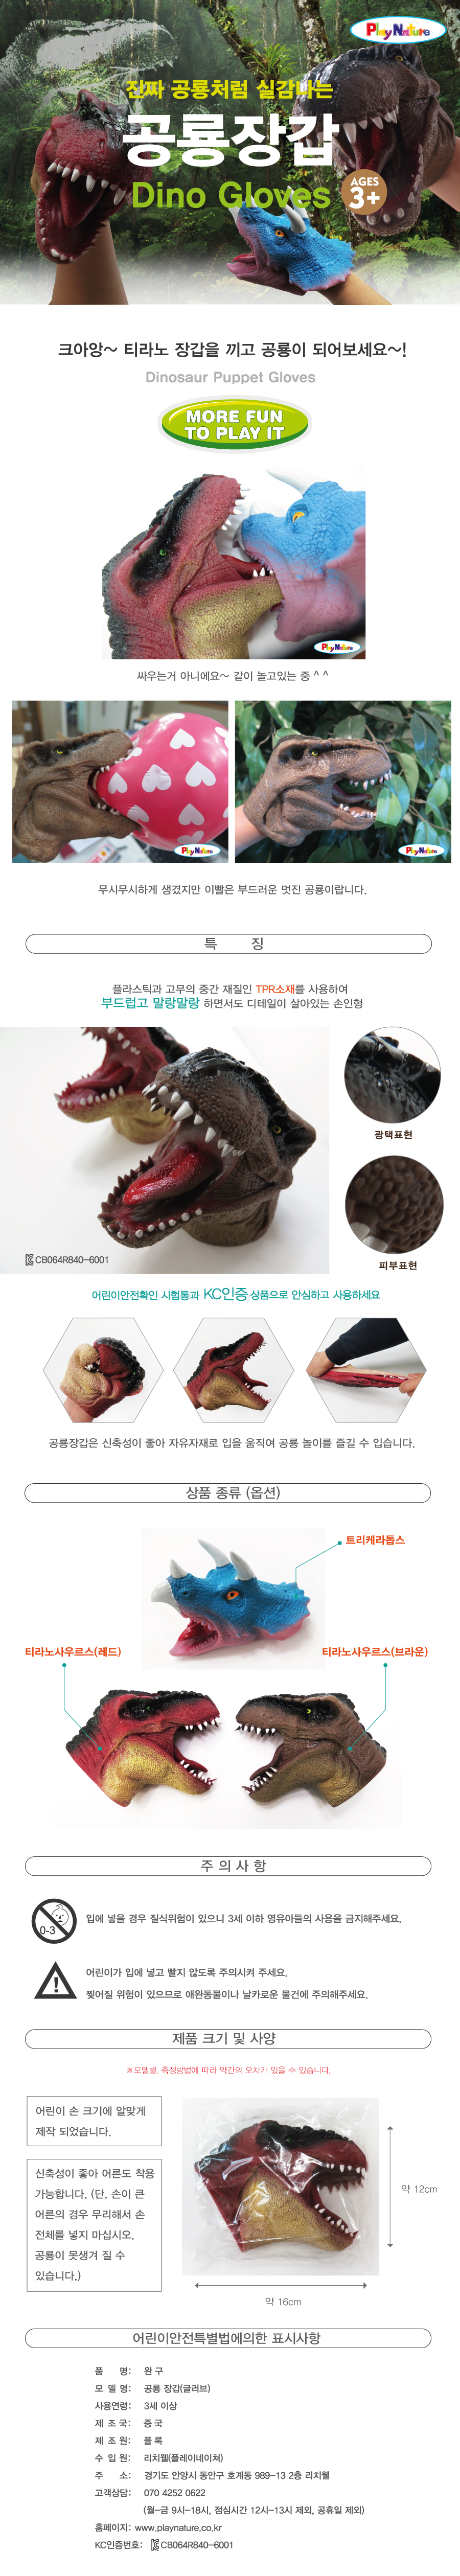 100%리얼 공룡장갑 (공룡놀이 손인형) - 플레이네이쳐, 9,000원, 장난감, 인형/애착인형